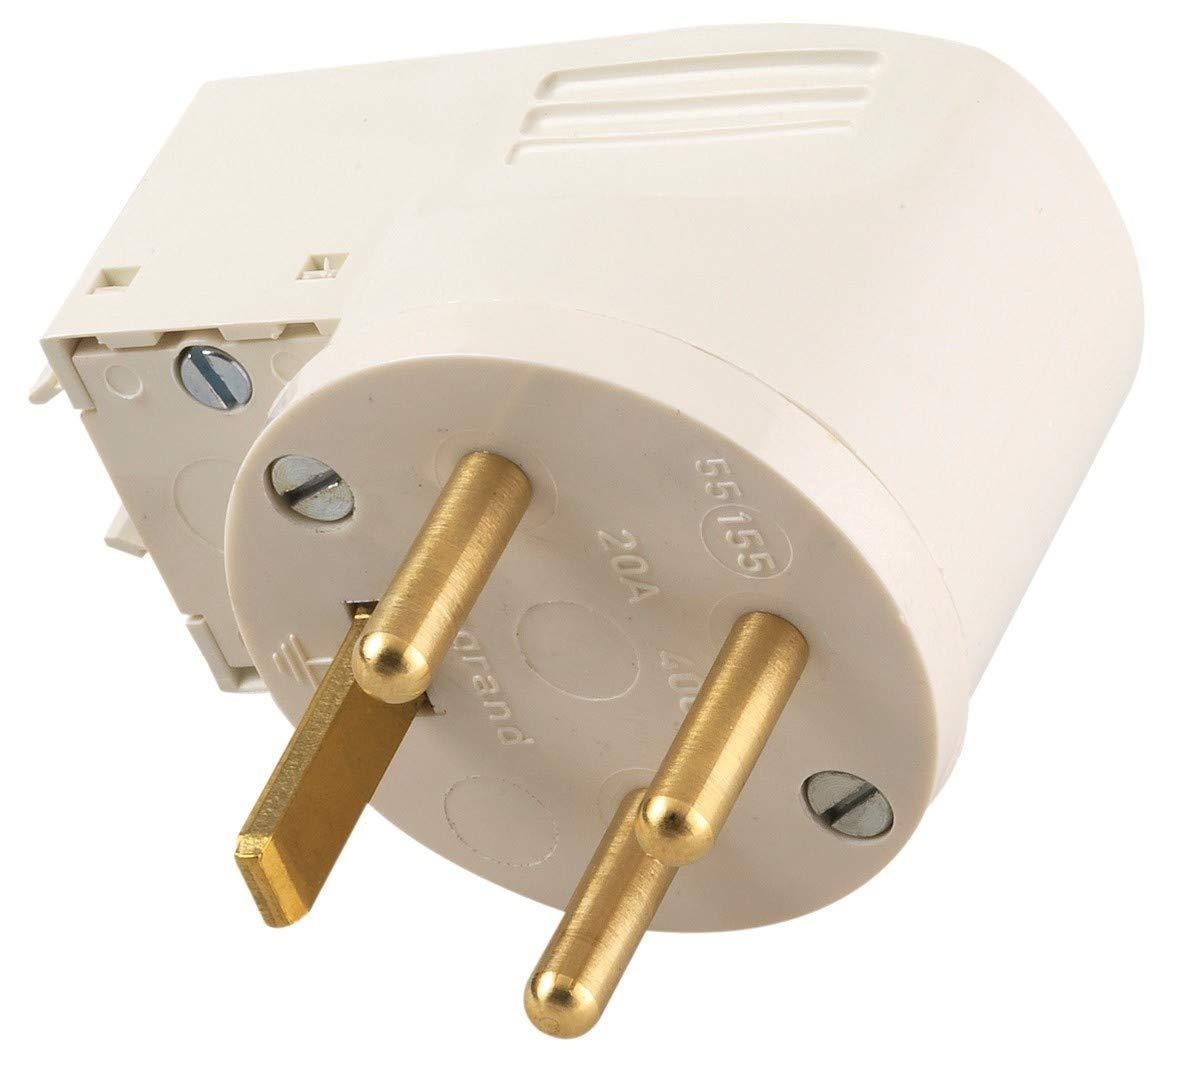 Legrand LEG55012 Fiche /à anneau 20 A 3p+t IP44-ik08 poign/ée avec sortie lat/érale